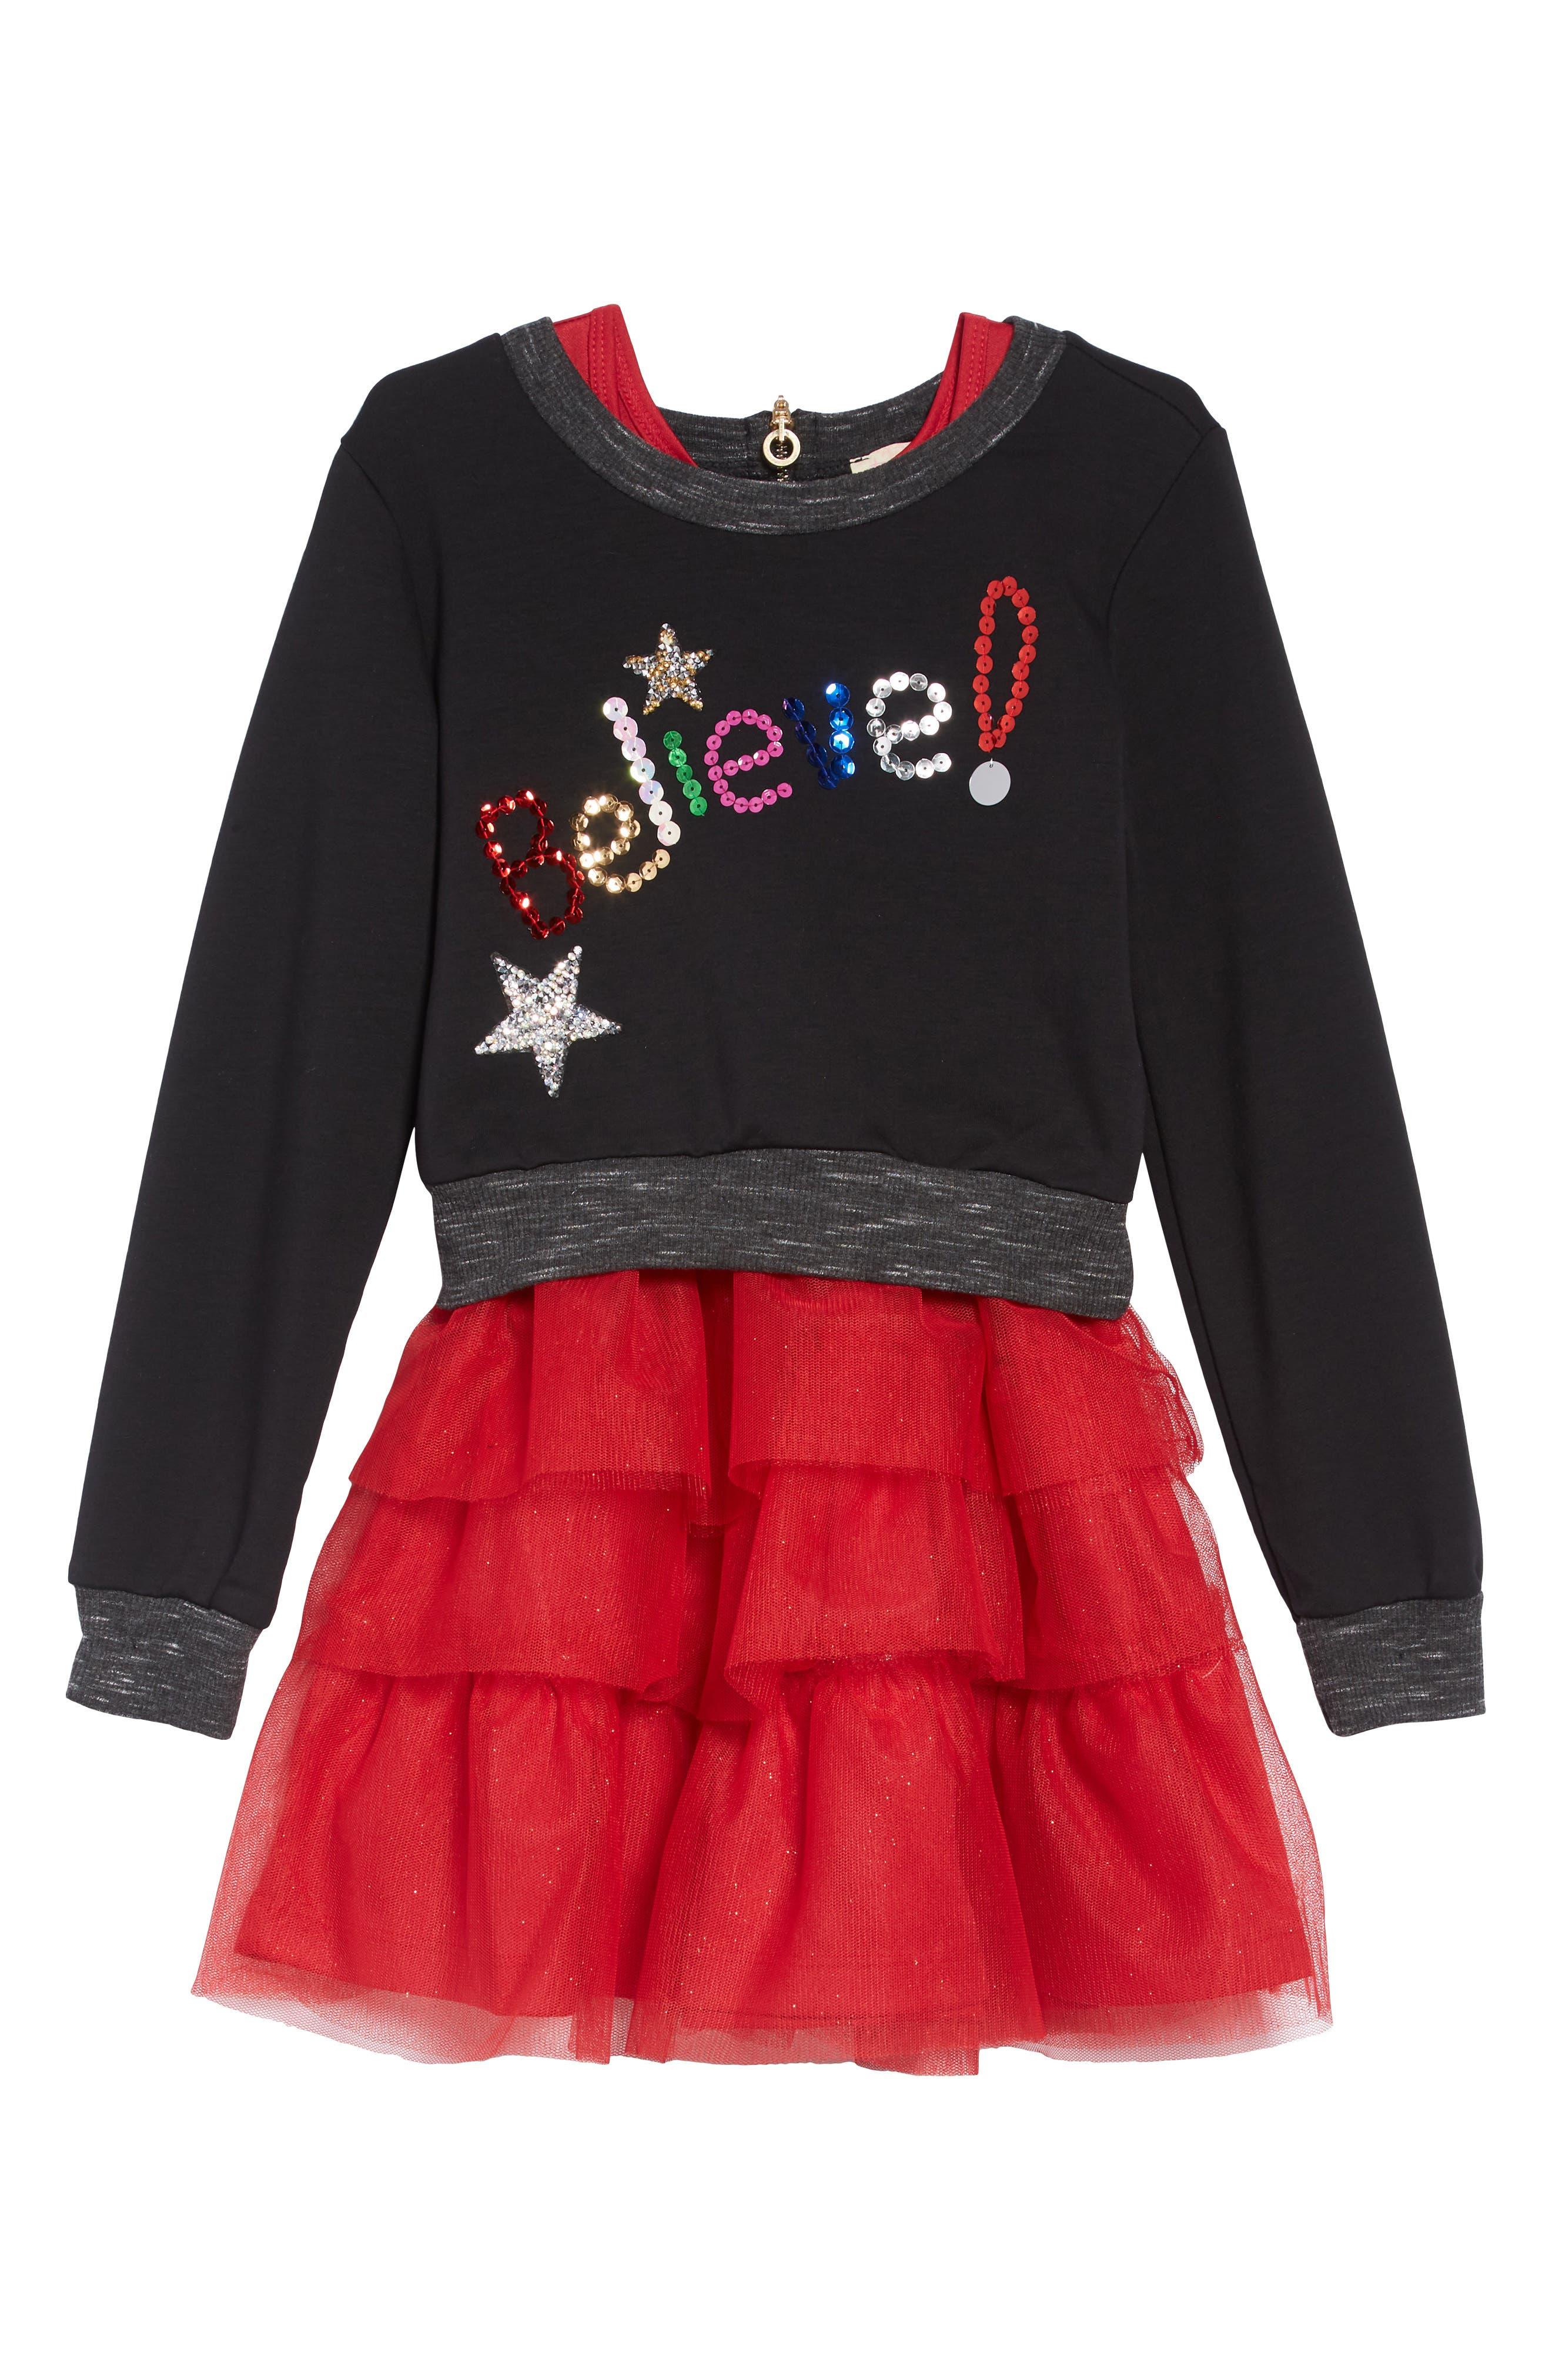 Believe Sequin Appliqué Sweatshirt & Tulle Dress Set,                             Main thumbnail 1, color,                             BLACK RED